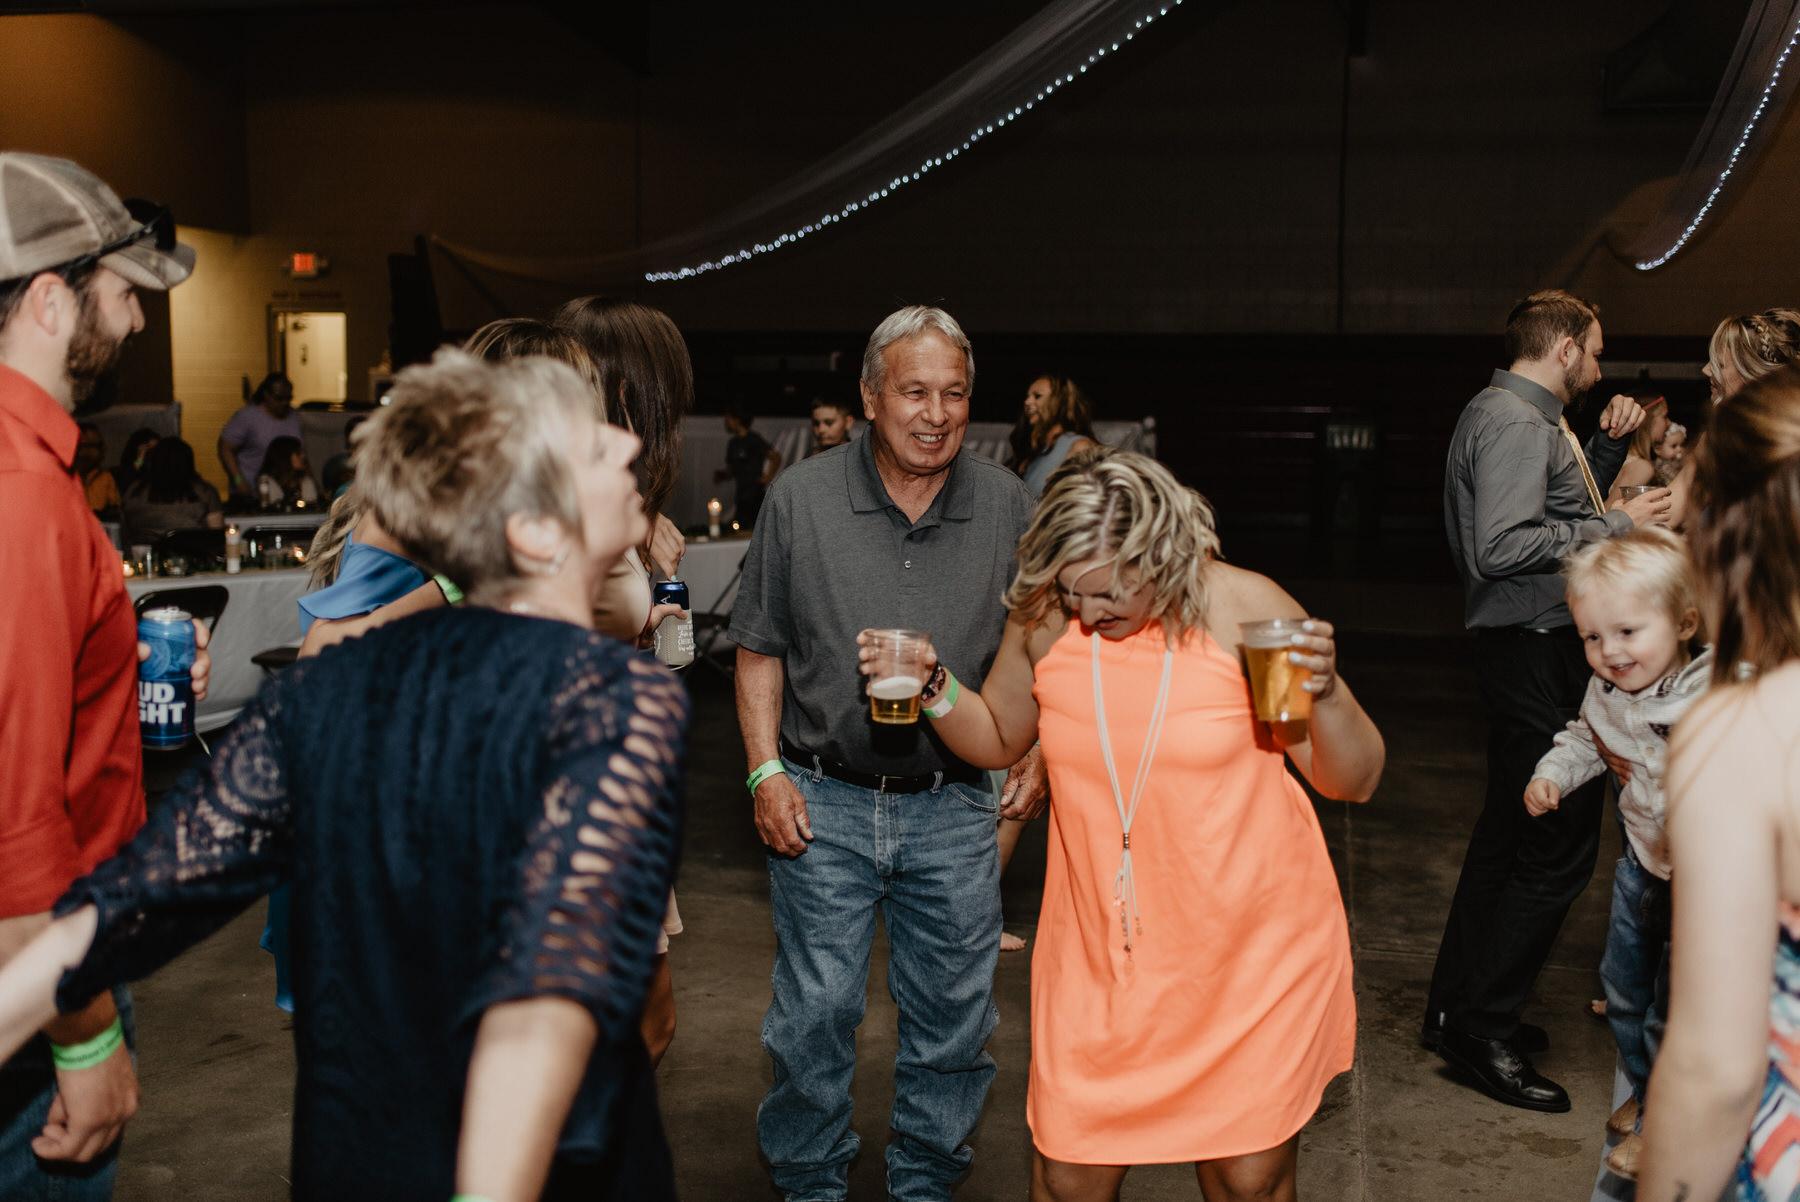 Kaylie-Sirek-Photography-Kearney-Nebraska-Wedding-127.jpg